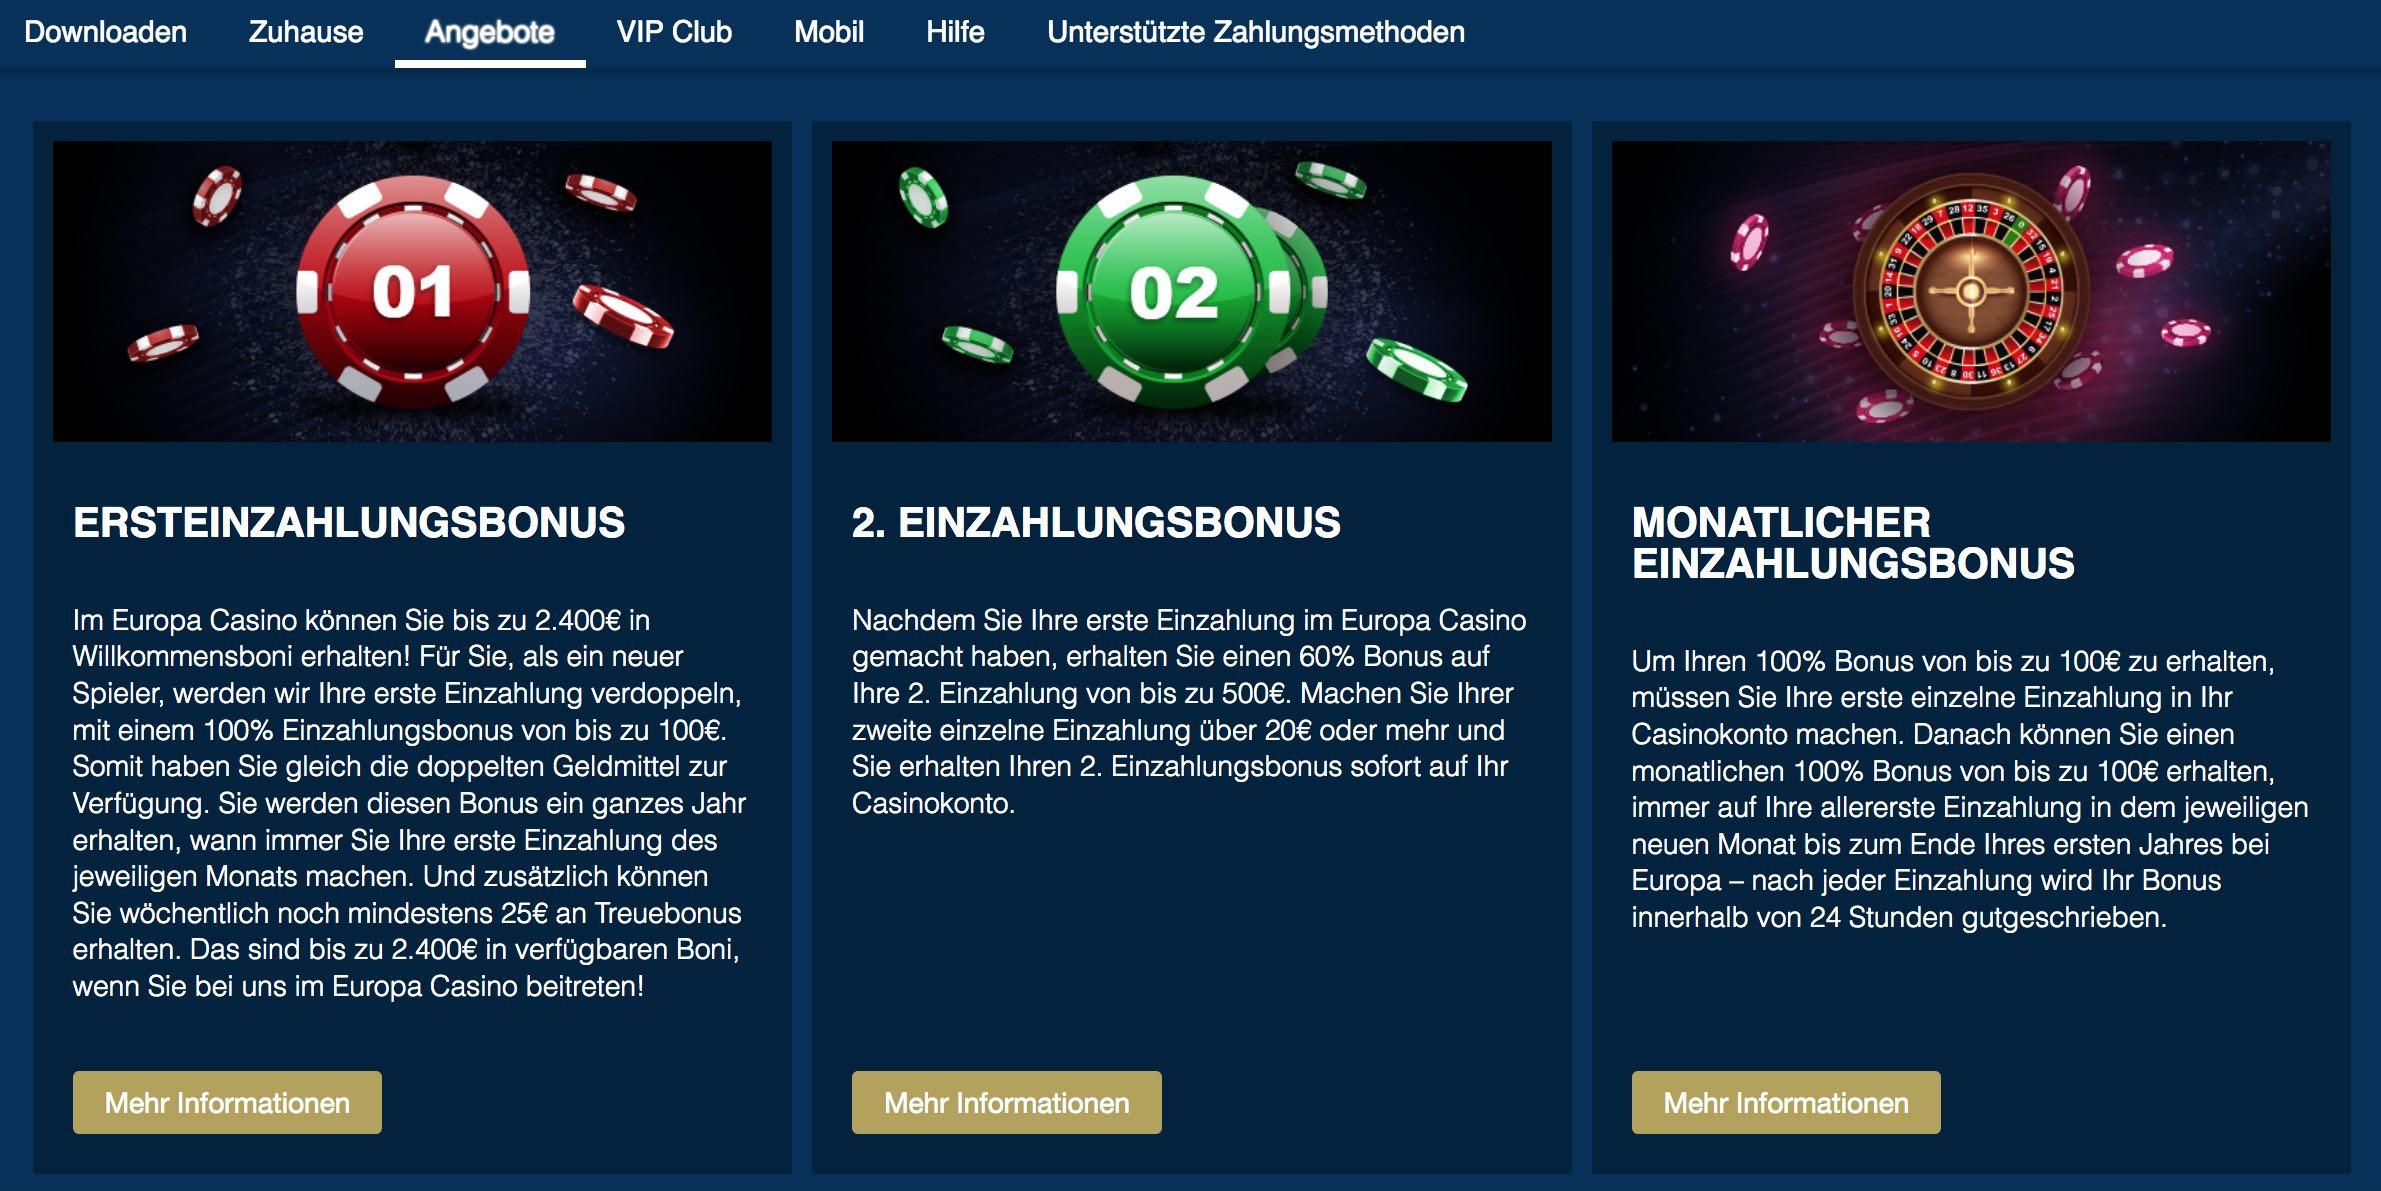 internet casino spiele novoline spiele online echtgeld gewinnchance spielautomat merkur